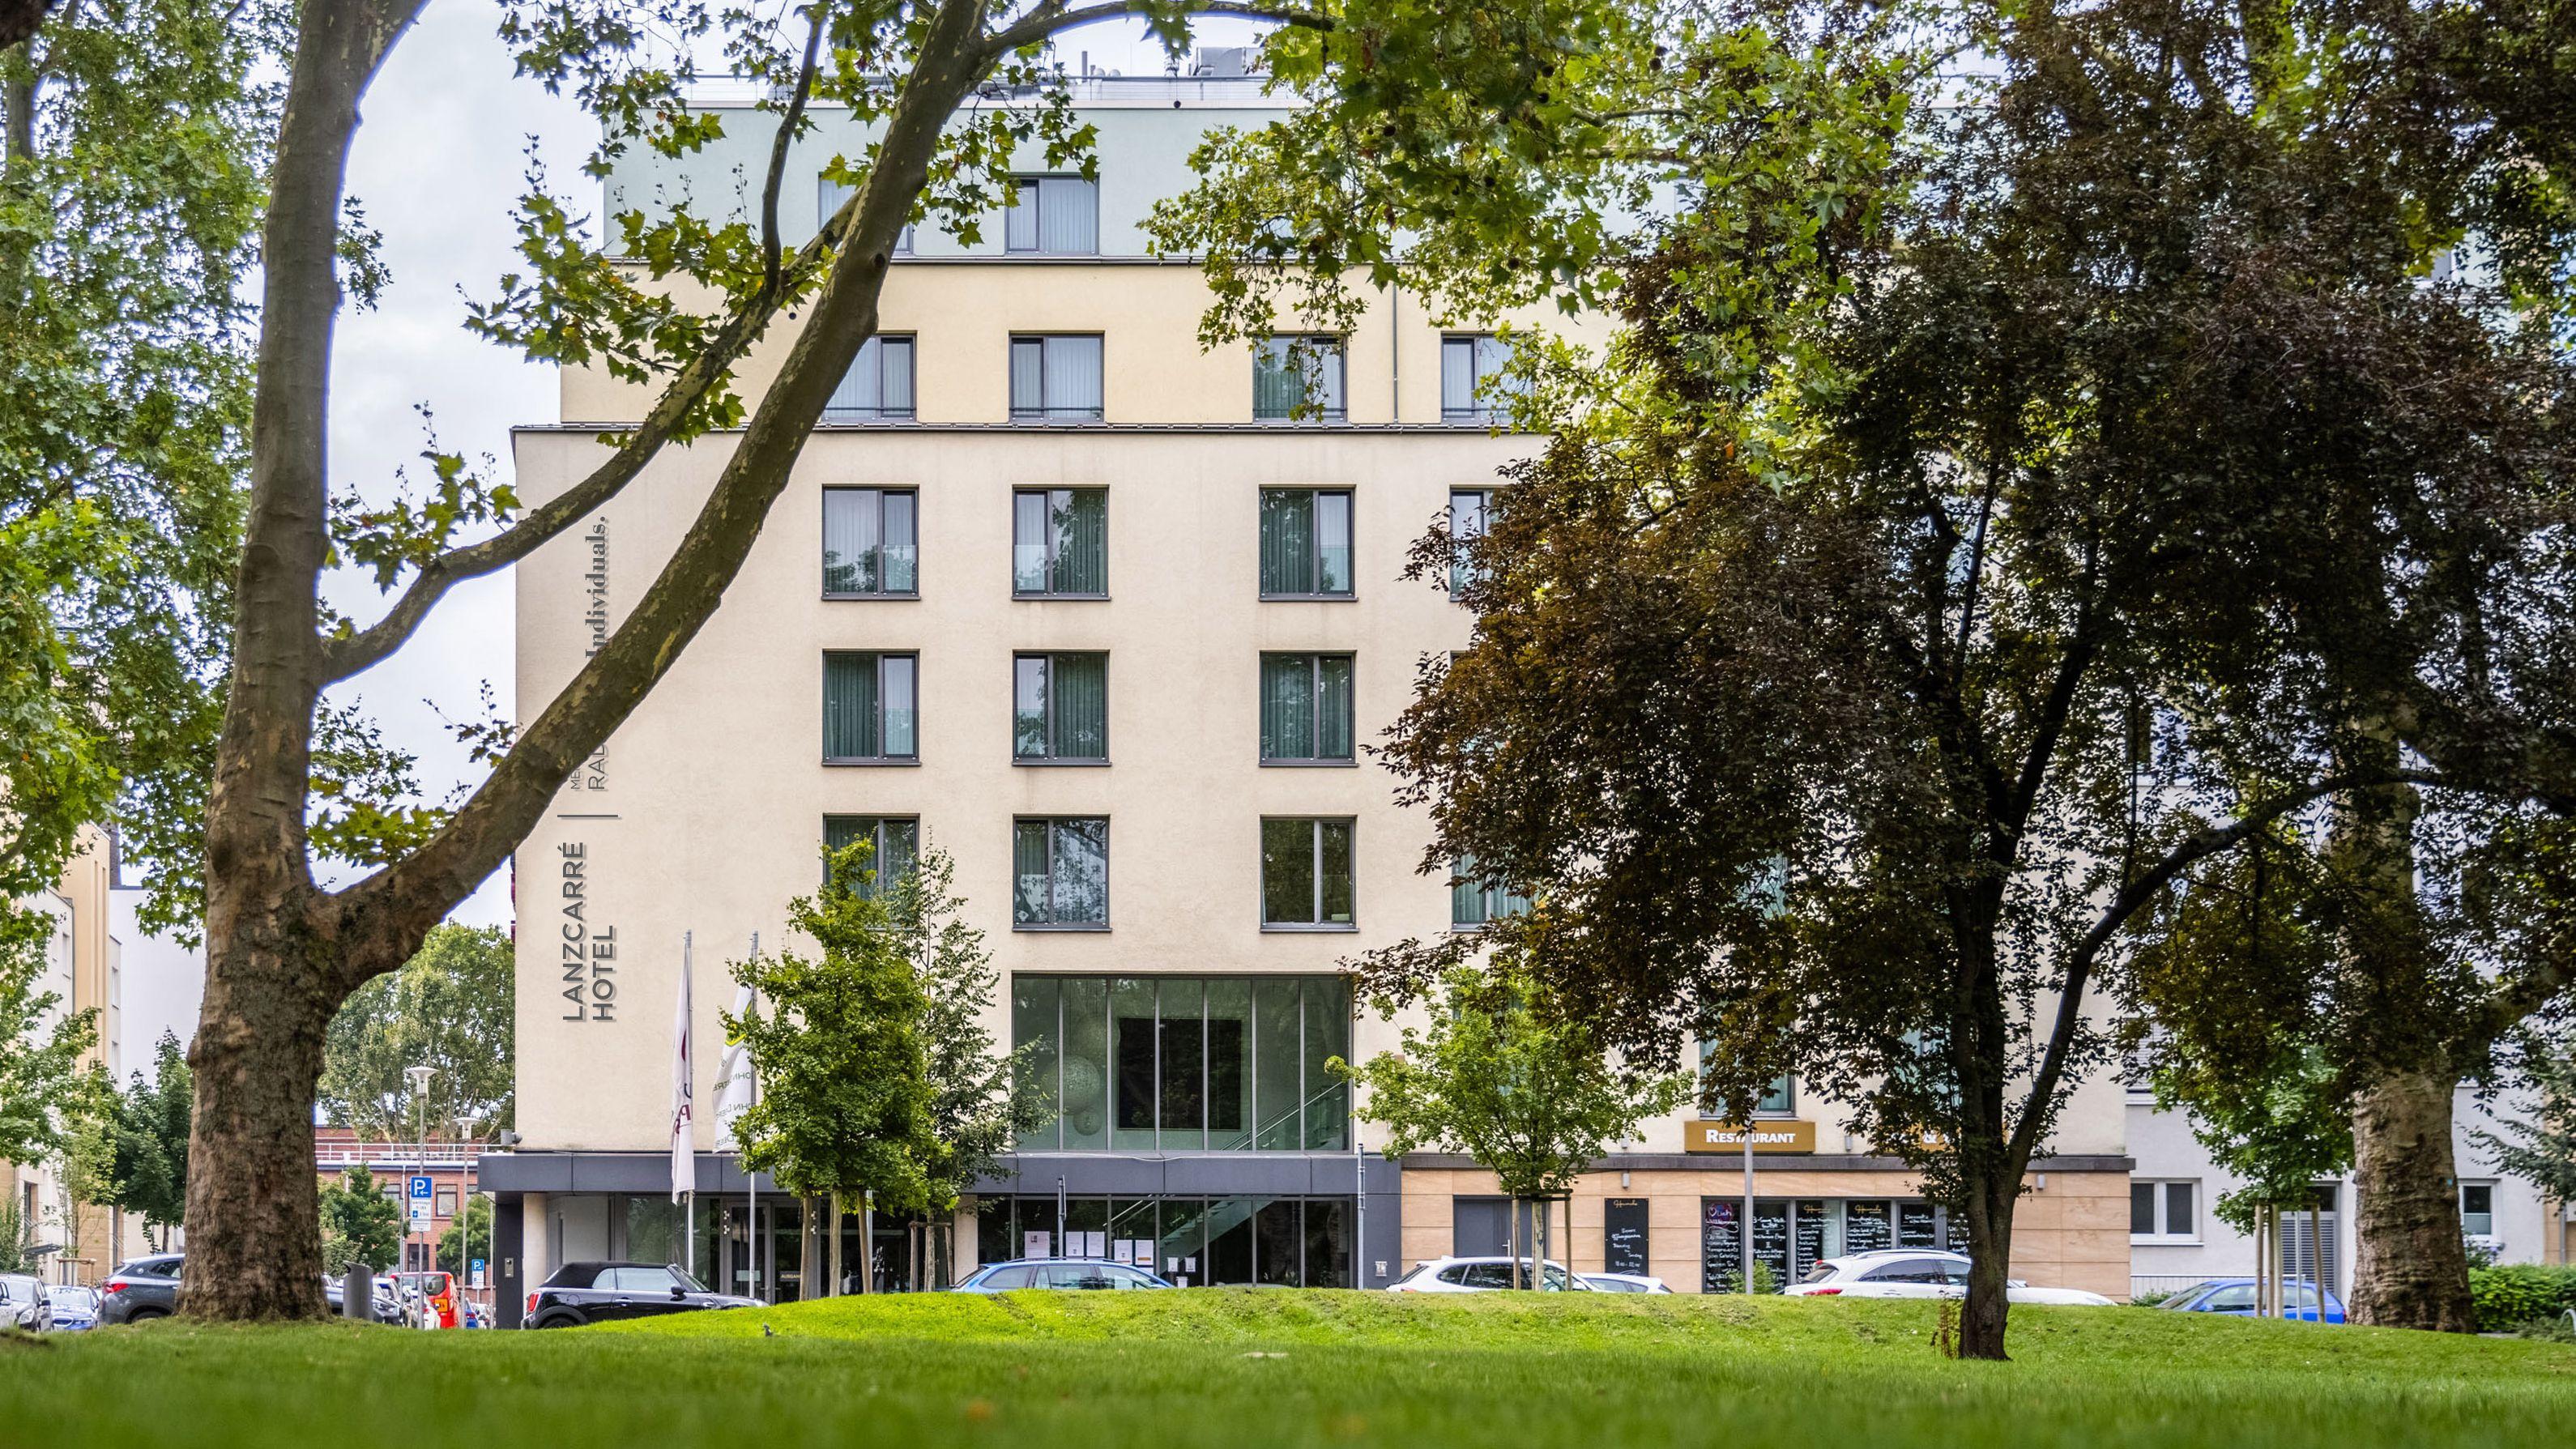 Markenhotellerie-Deutschland-Deb-t-Radisson-Individuals-kommt-nach-Mannheim